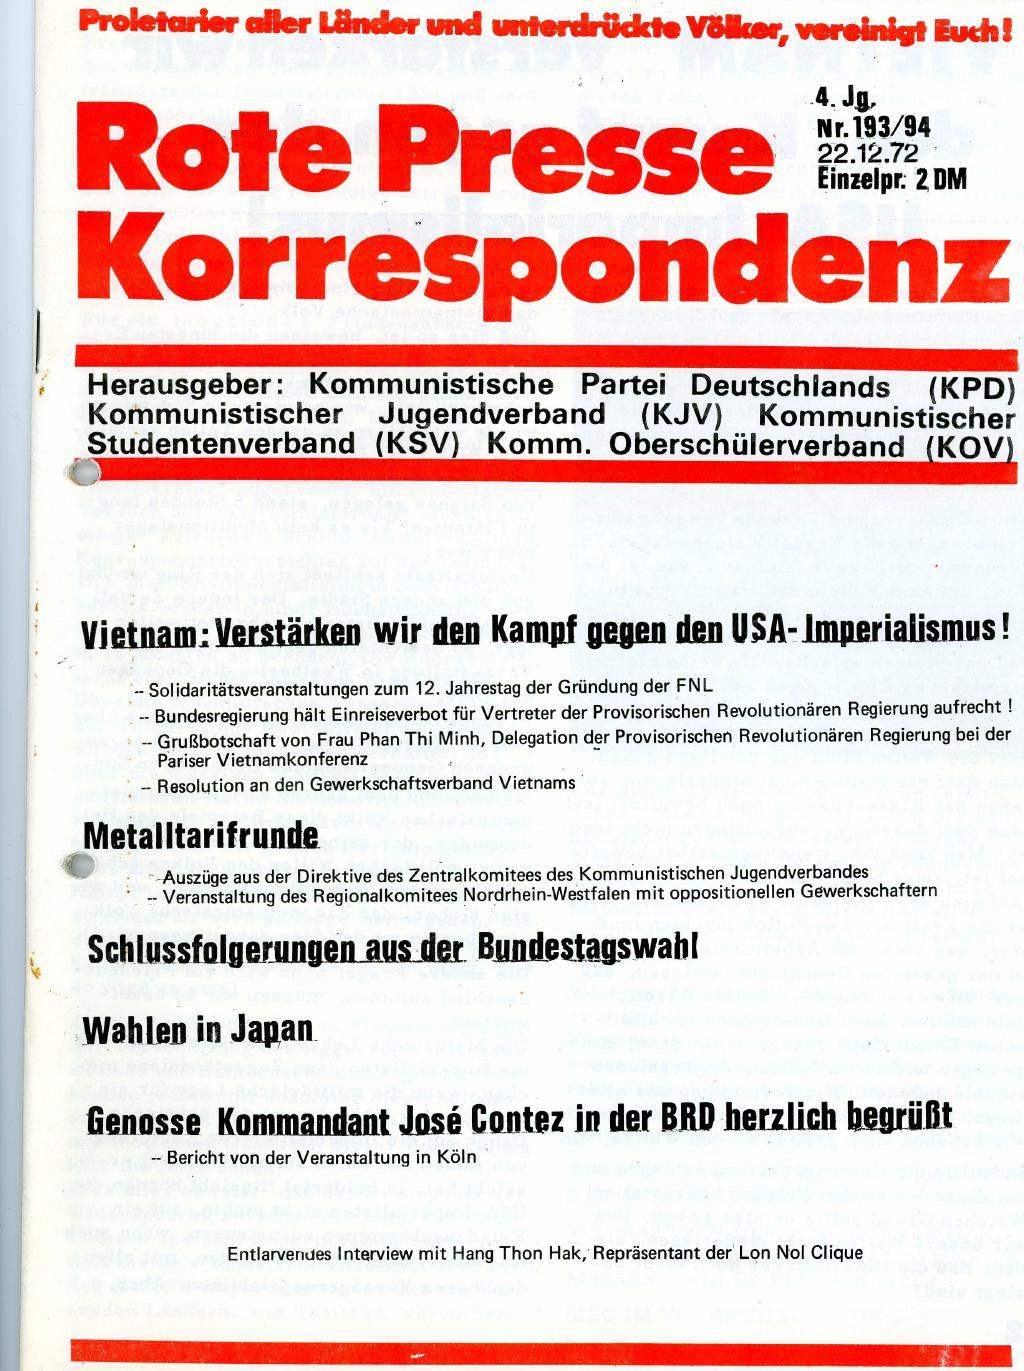 RPK_1972_193_194_01